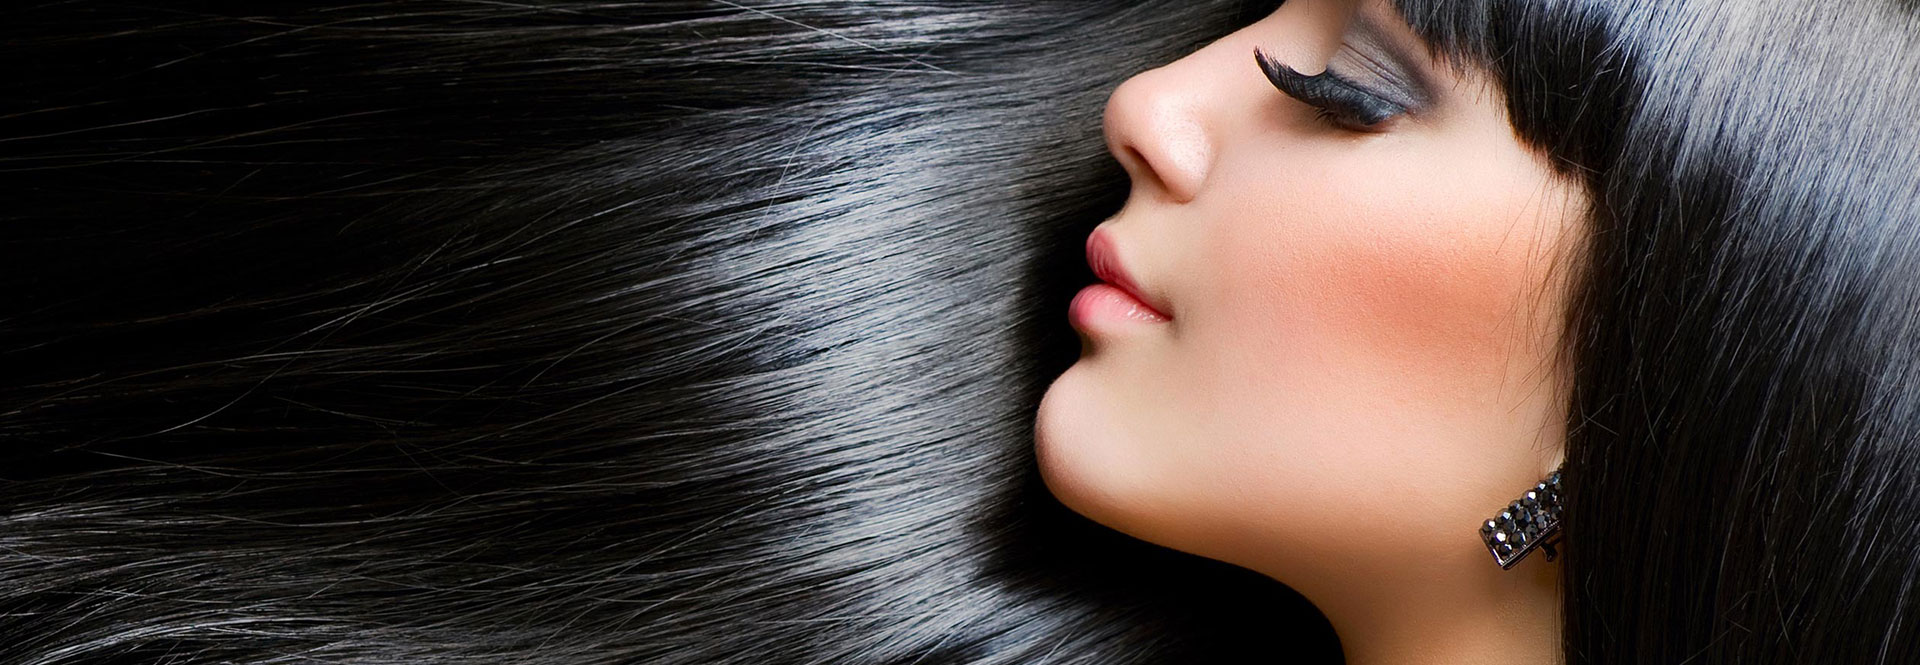 leshinehair-hair-weft